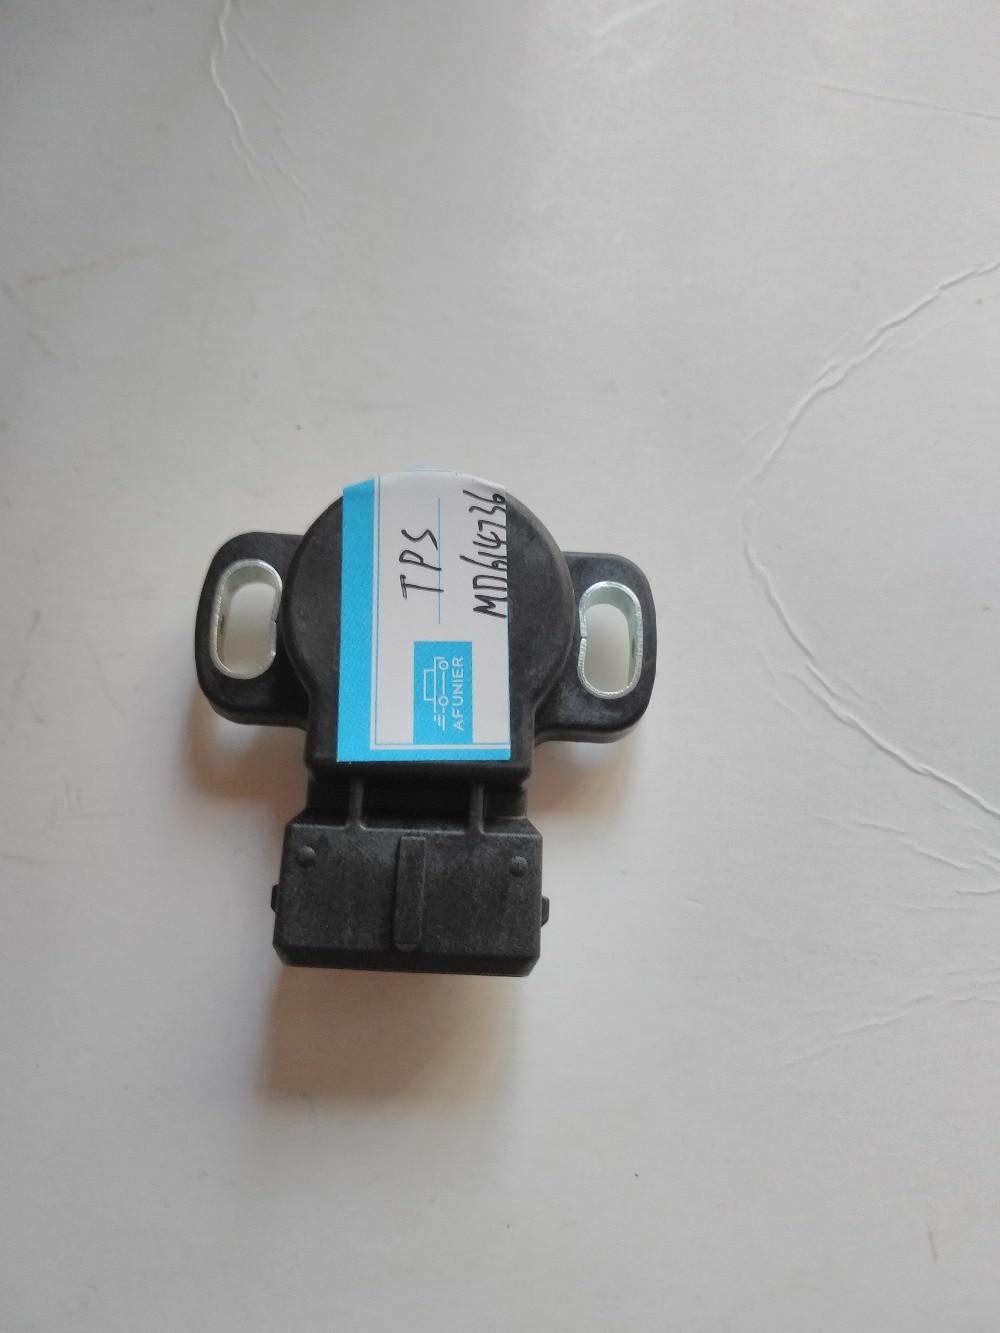 12 месяцев Гарантия качества Датчик положения дроссельной заслонки для Mitsubishi(2004-1997) 3 контакта OE No. MD614736